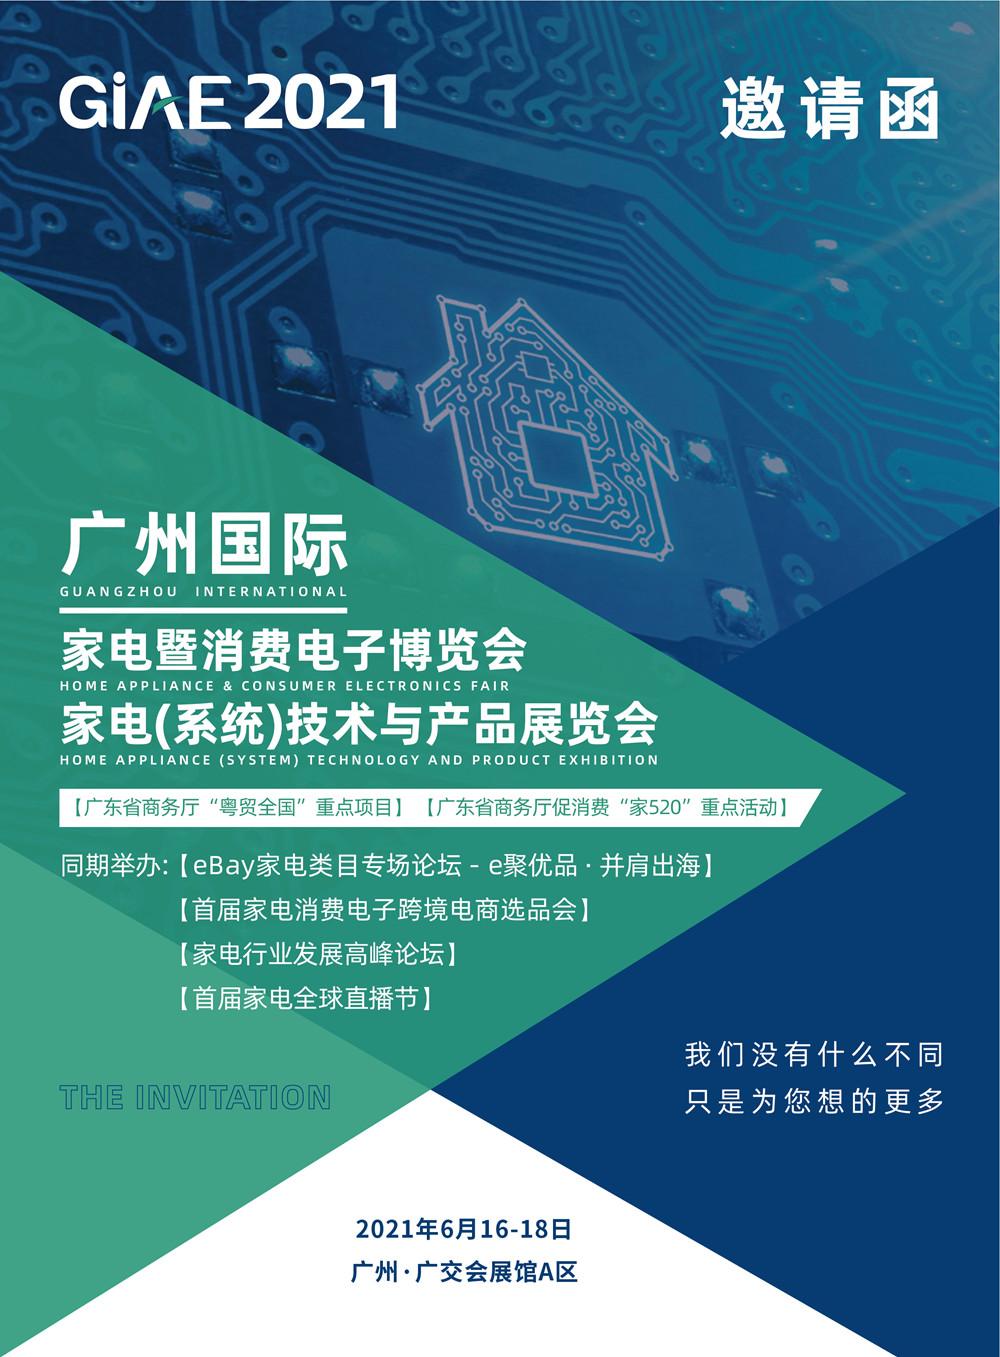 全新亮点,尽在GIAE广州国际家电暨消费电子博览会!